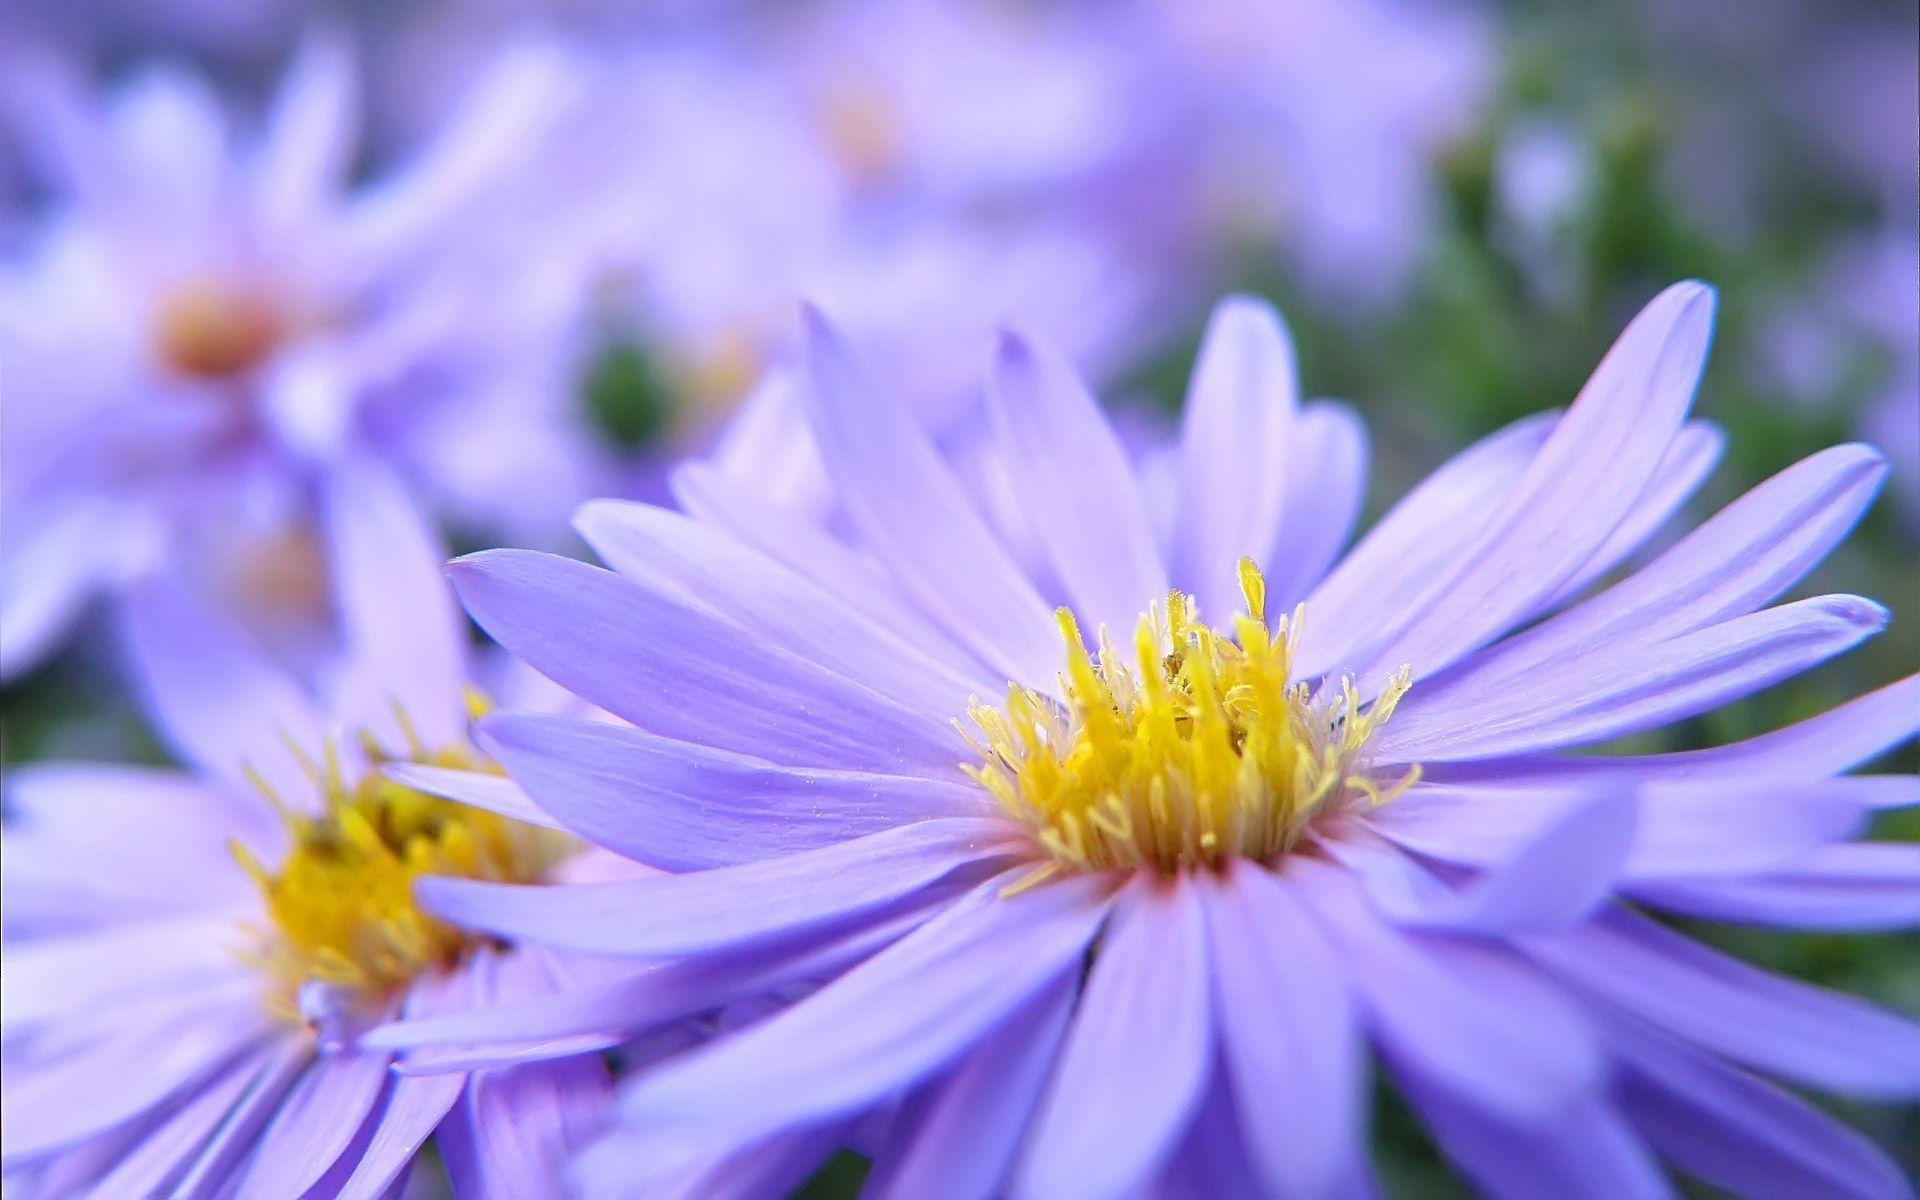 Pretty flower wallpaper 49 images 1920x1440 beautiful flowers mightylinksfo